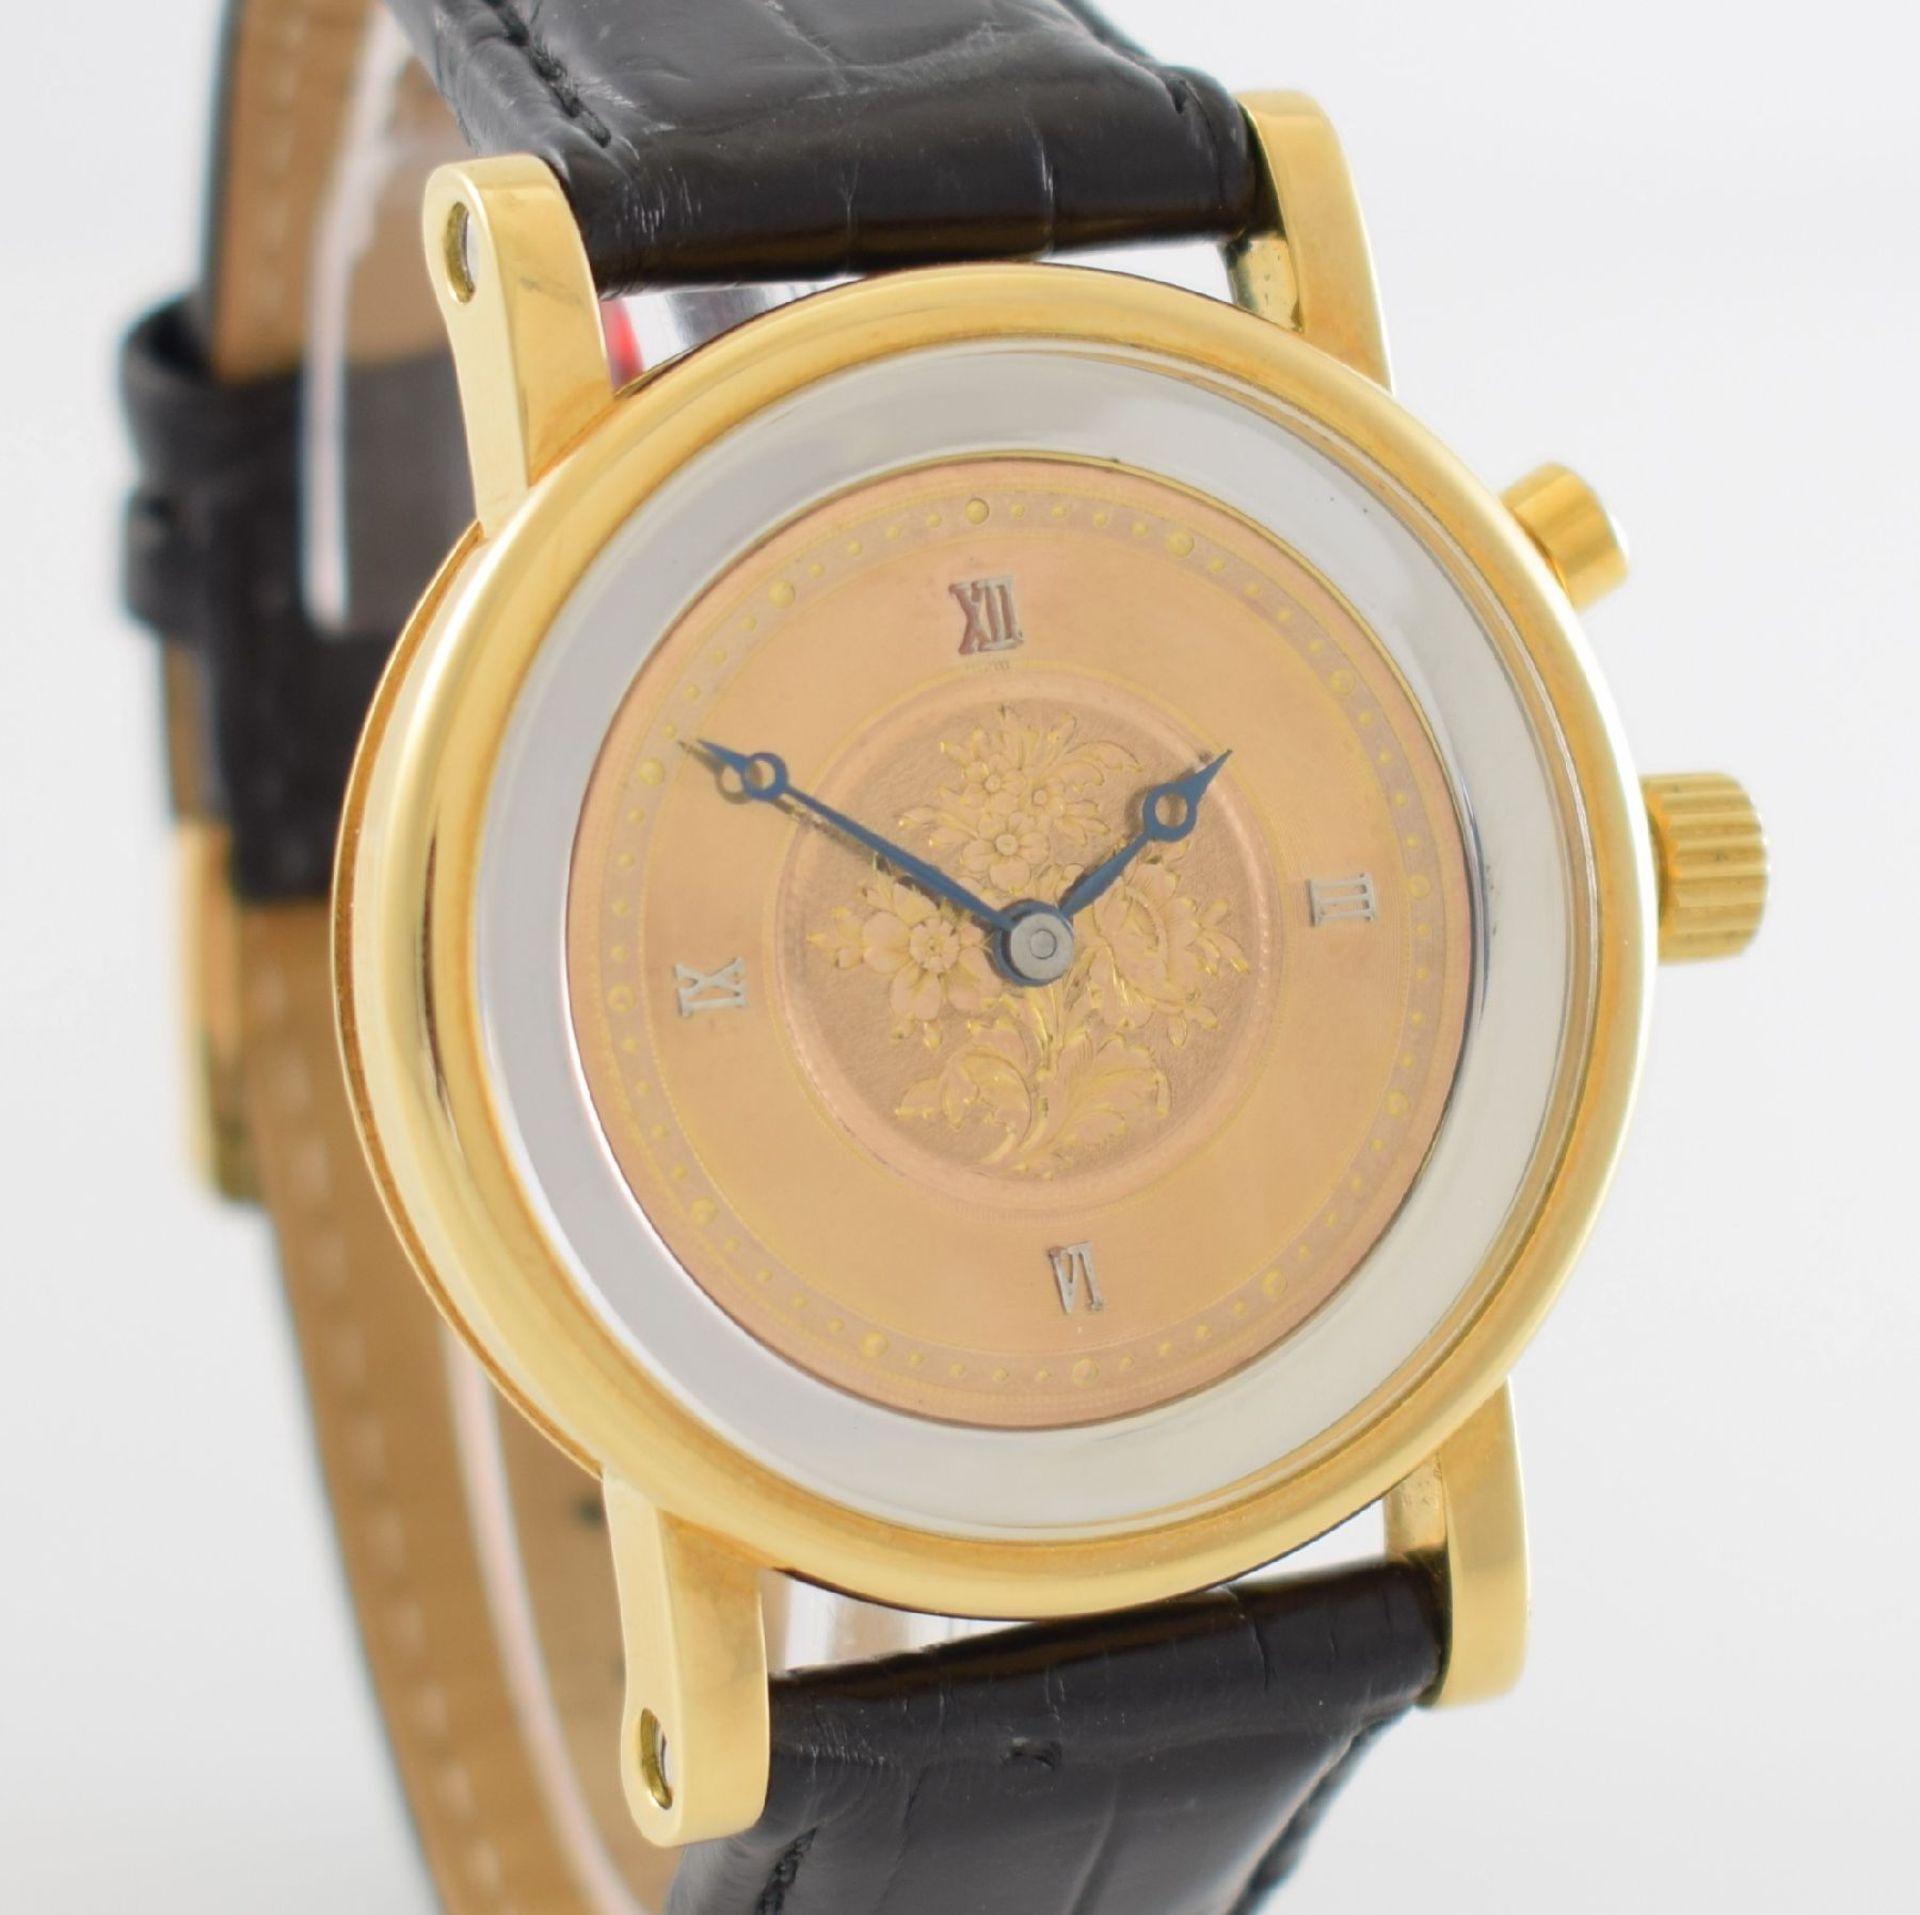 Taschenuhrwerk mit 1/4 Repetition umgebaut zur Armbanduhr in GG 750/000 Gehäuse, Handaufzug, - Bild 6 aus 9